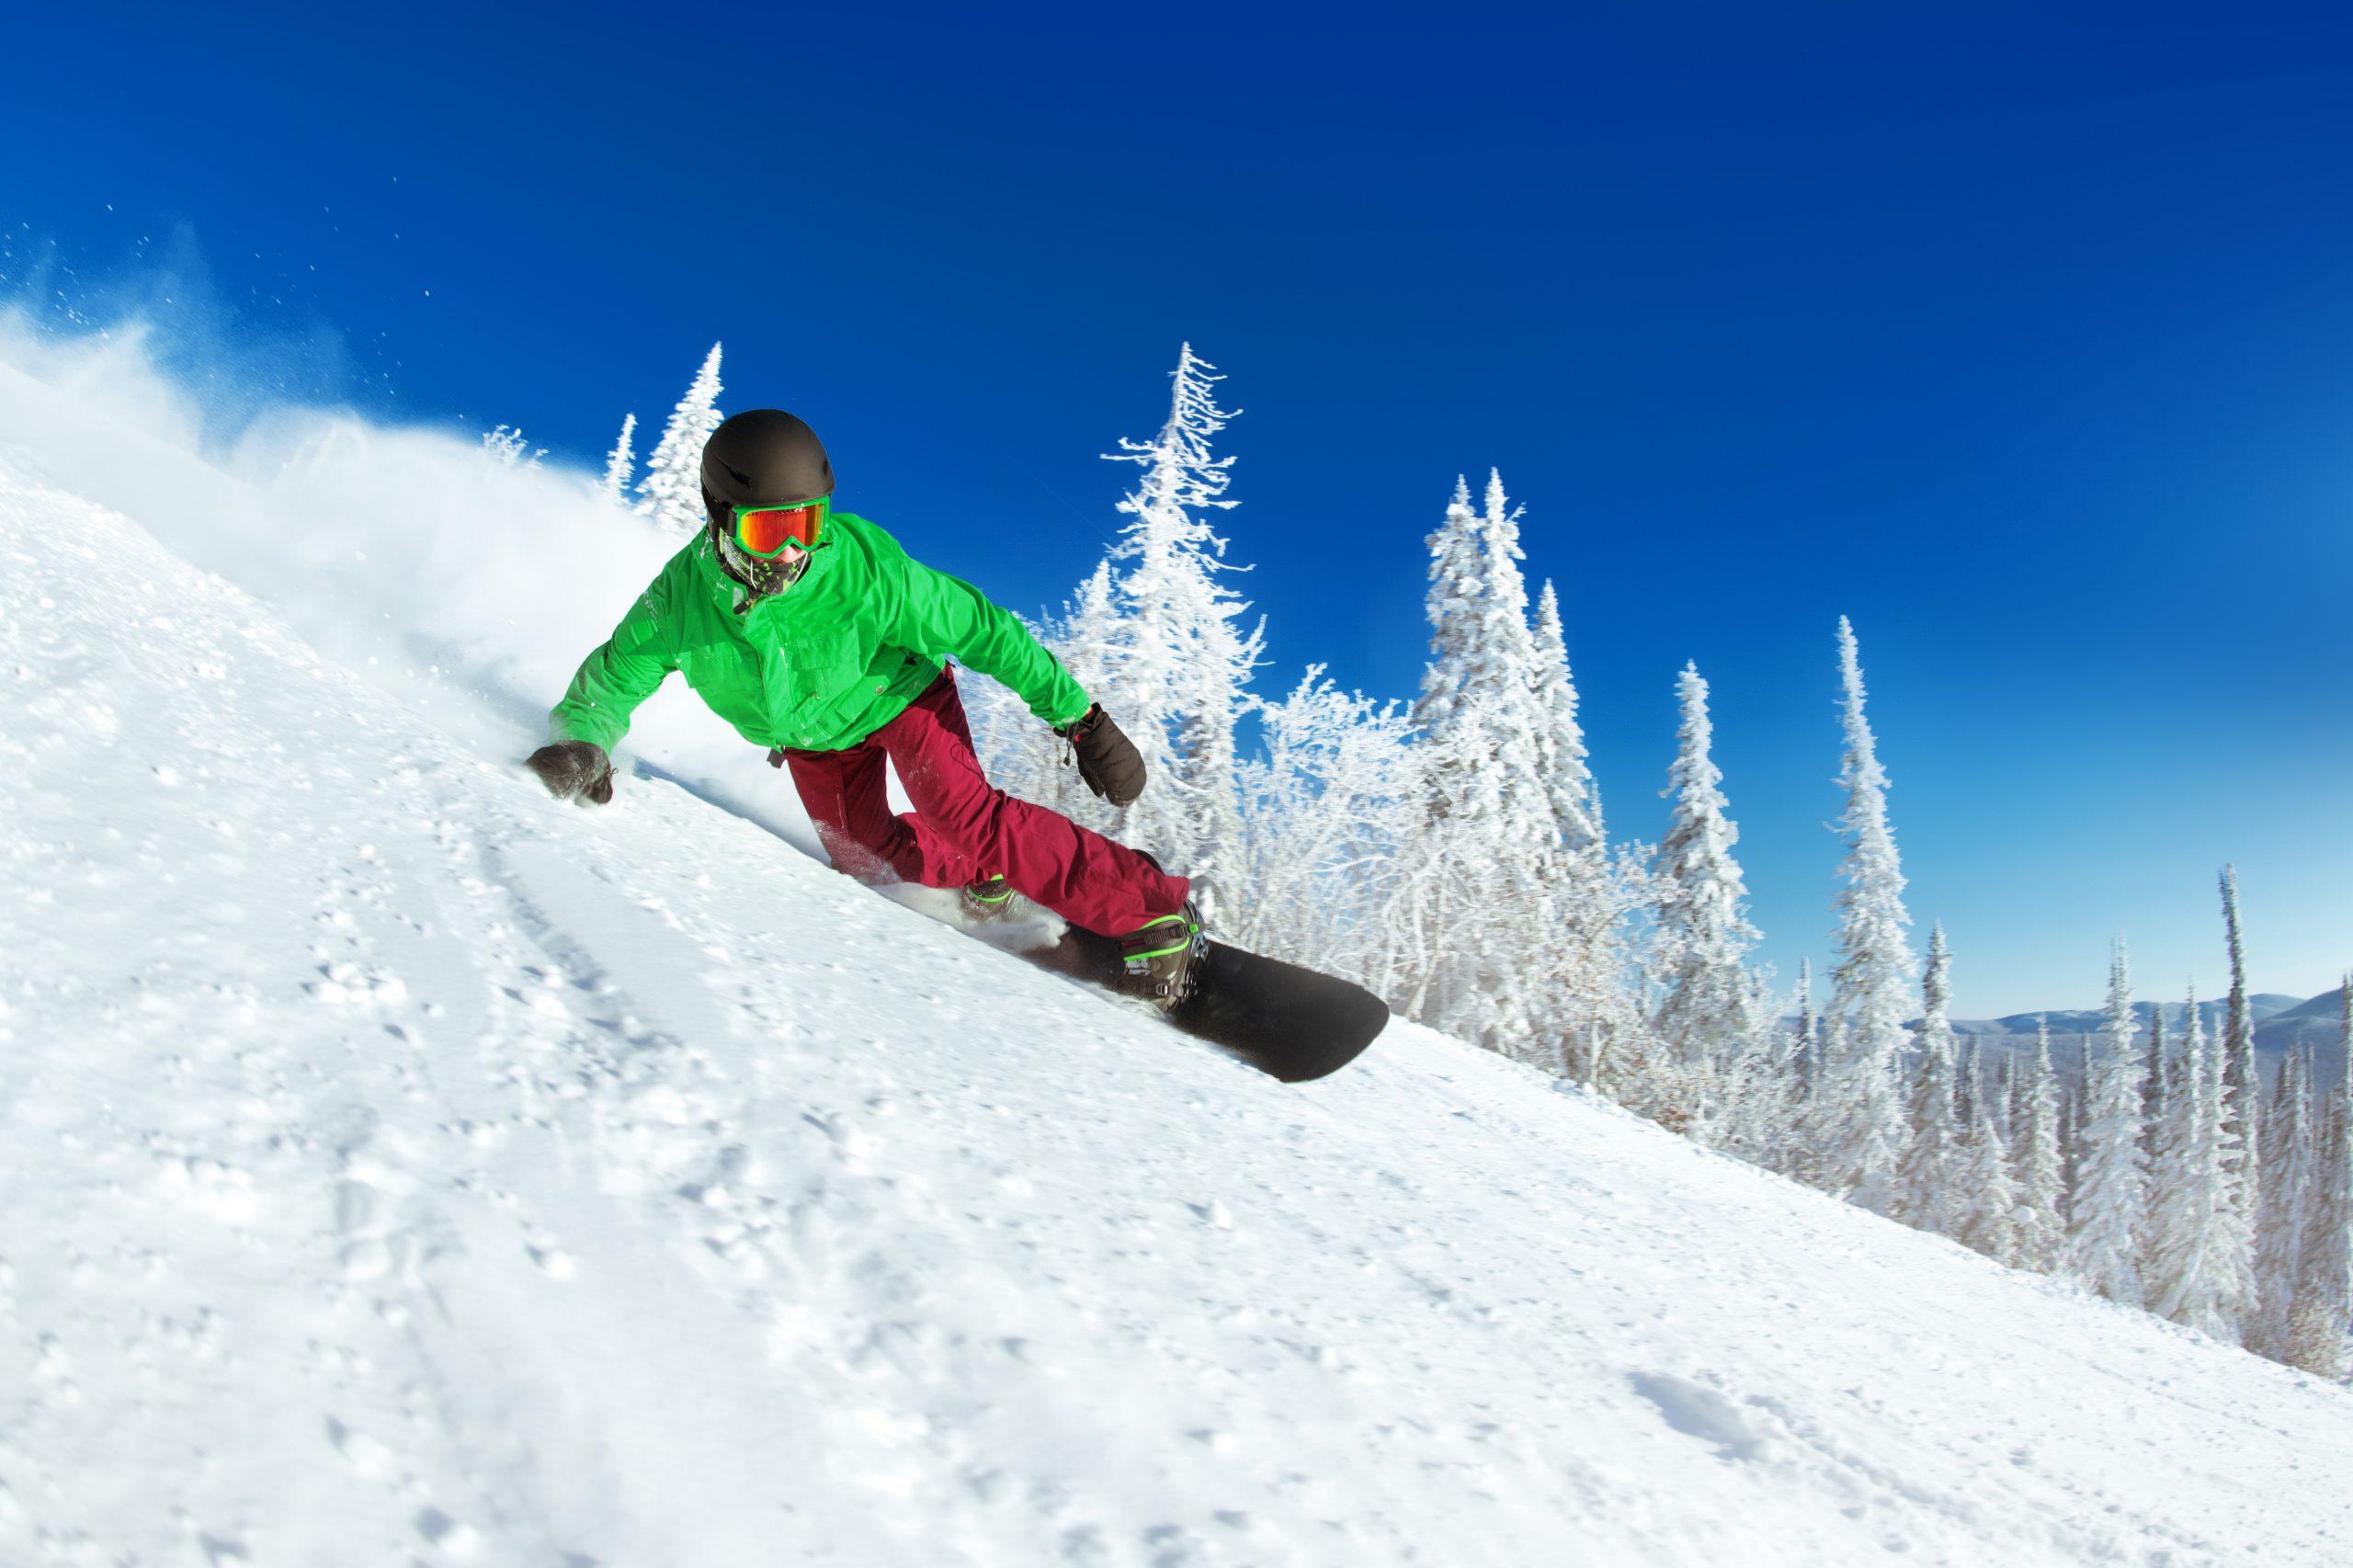 hombre en snowboard descendiendo en una montaña con fondo nevado